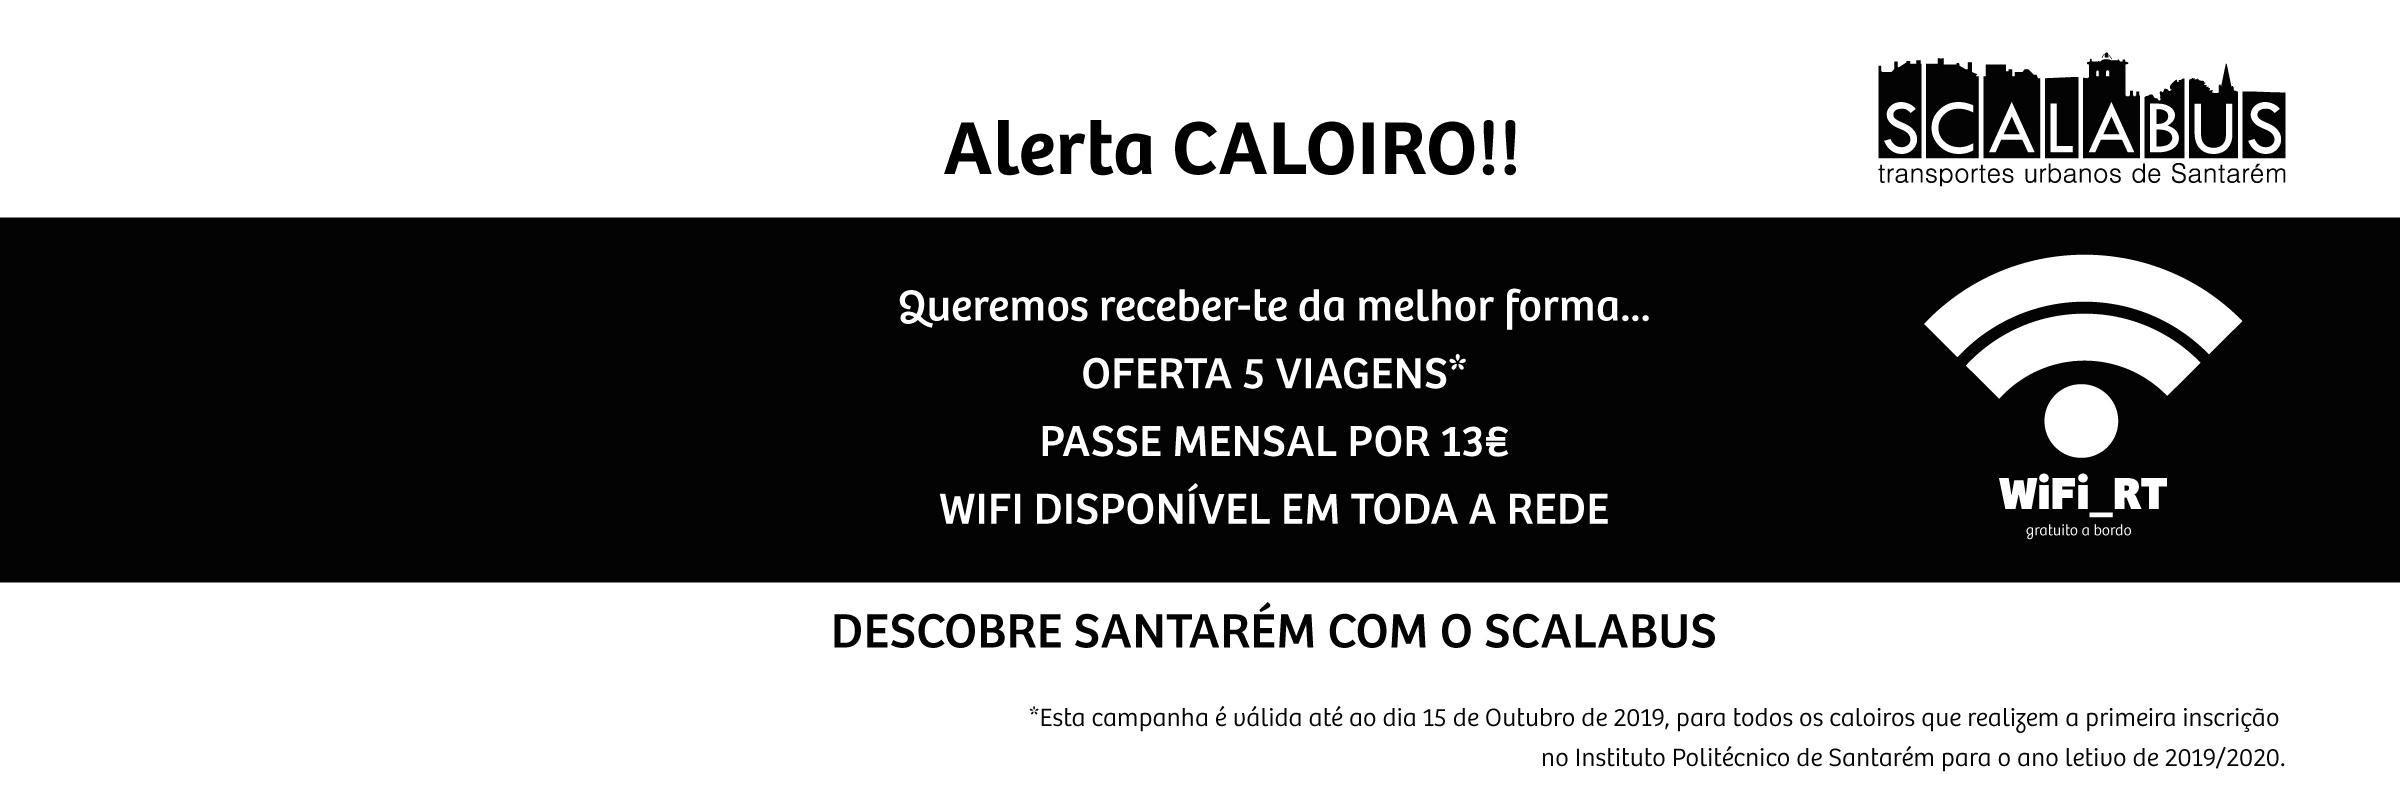 kit_caloiro-sitert